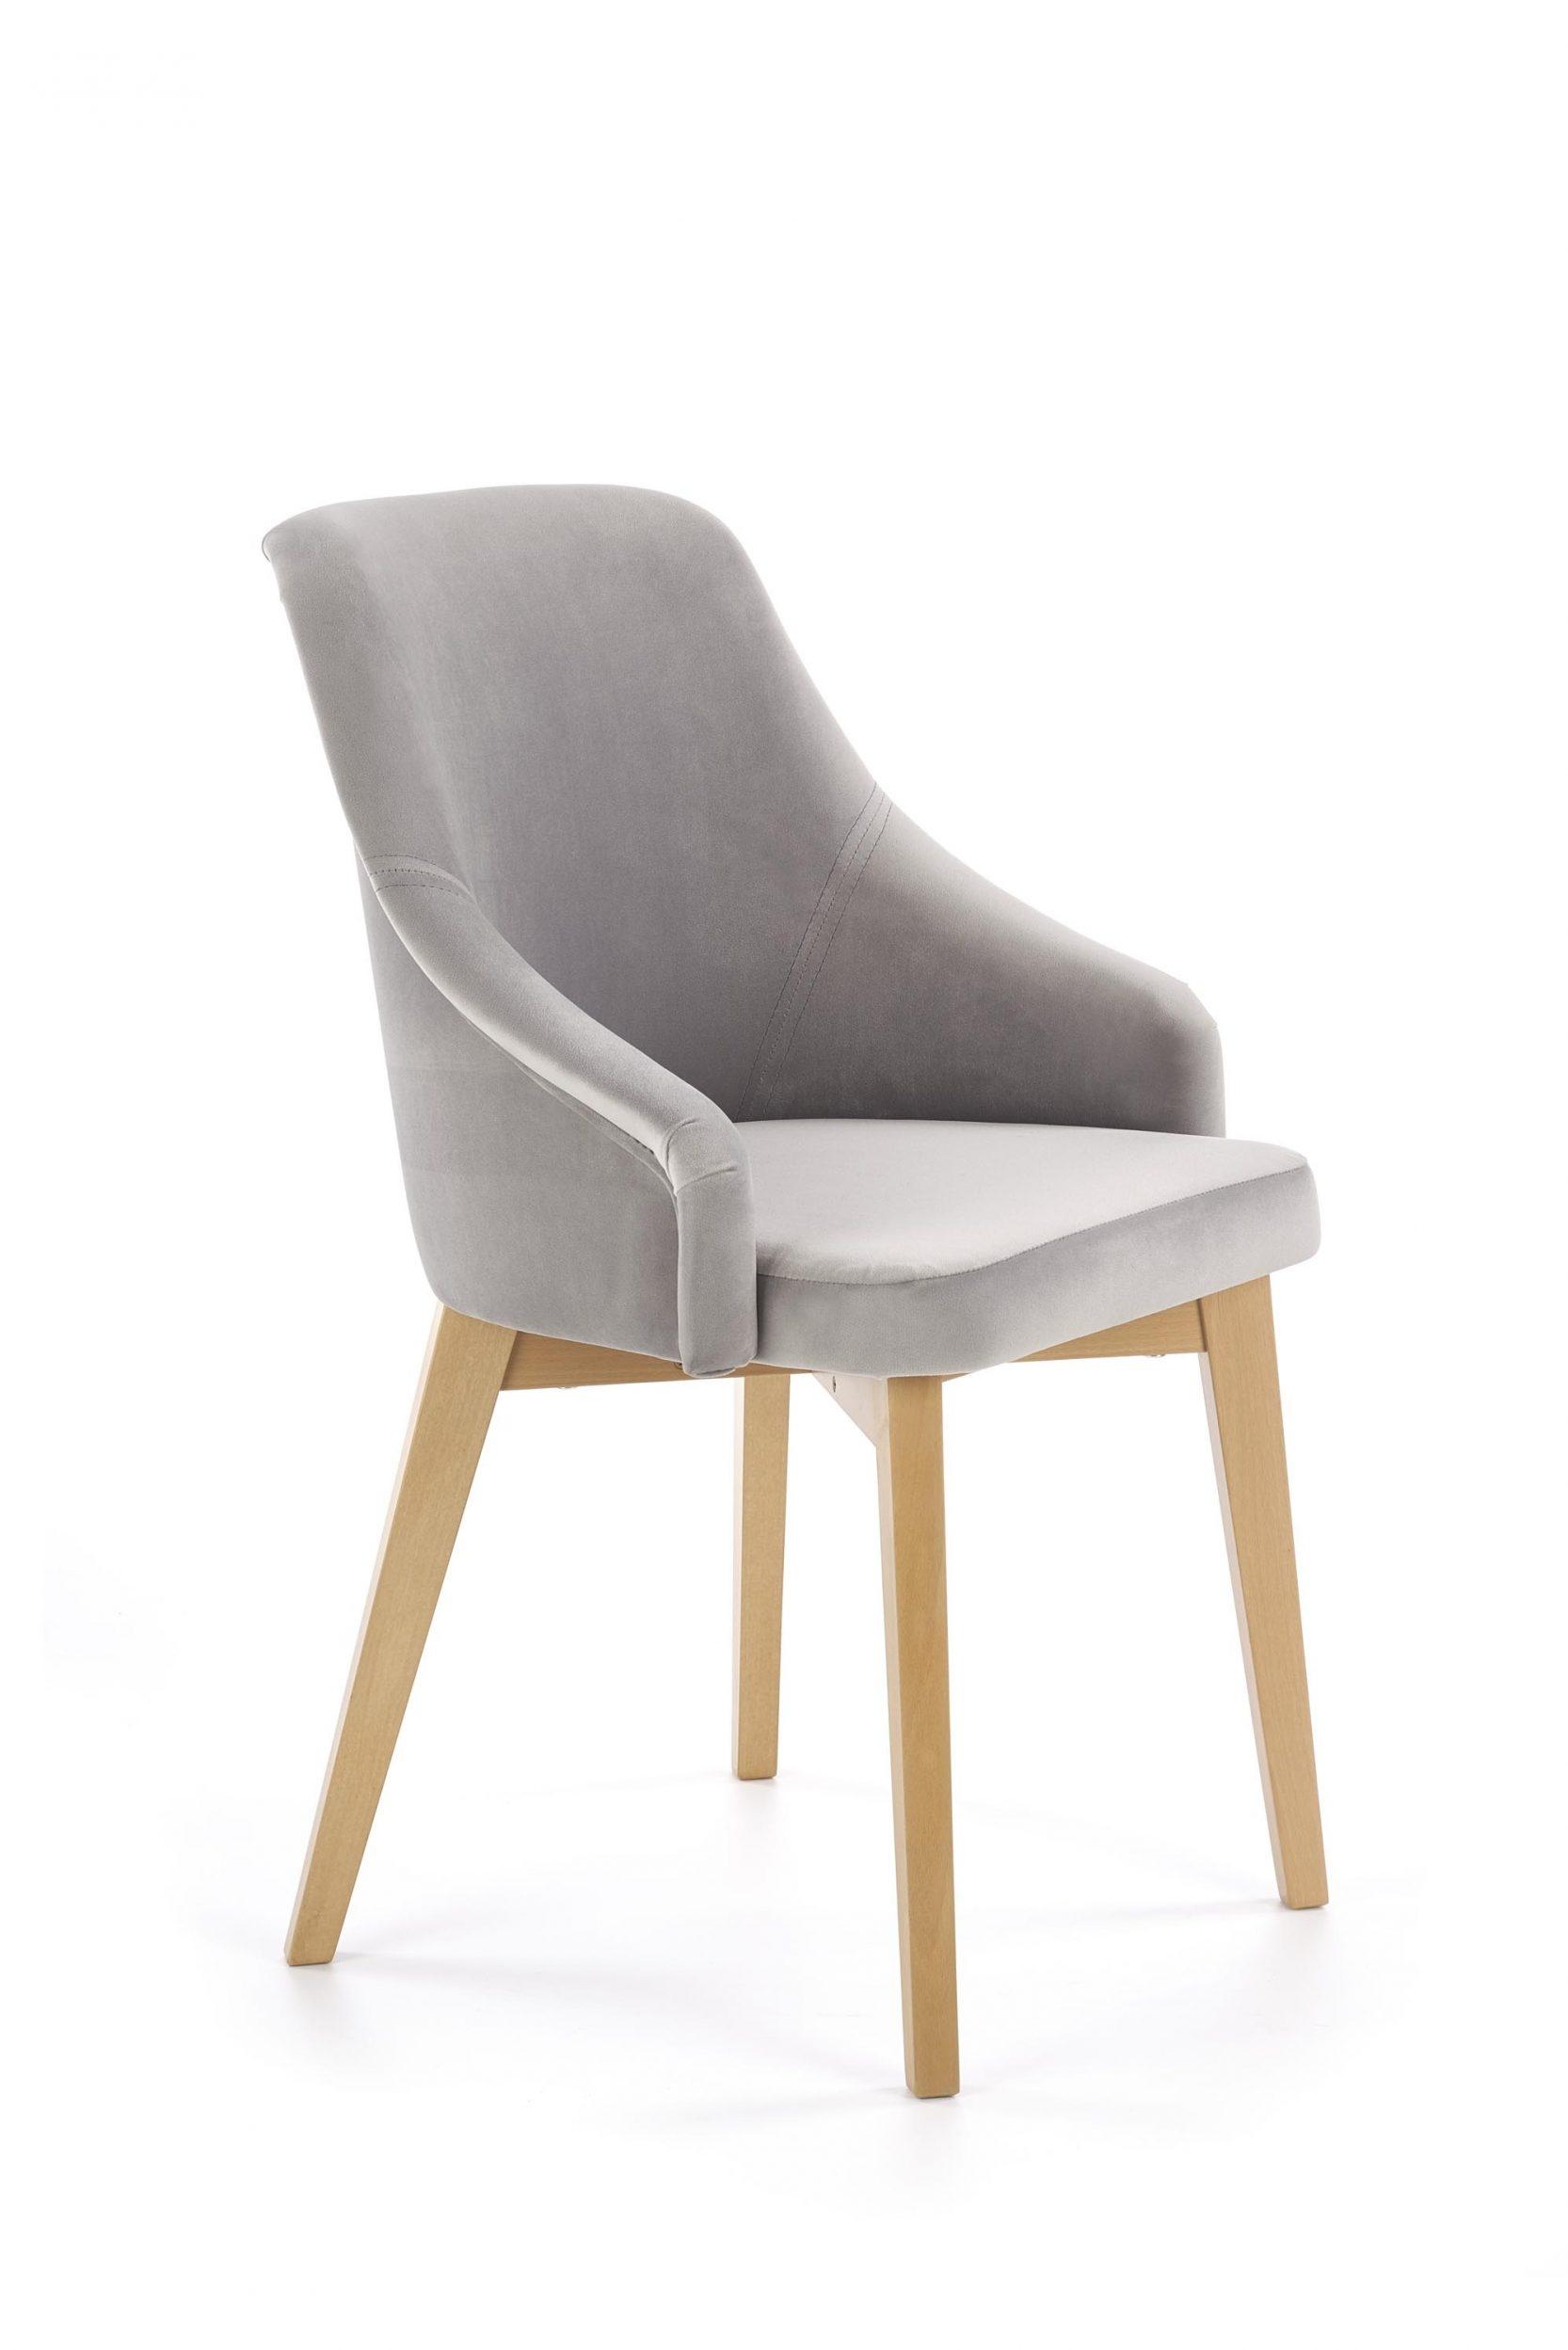 Scaun tapitat cu stofa, cu picioare din lemn Toledo 2 Gri / Stejar, l57xA56xH86 cm imagine